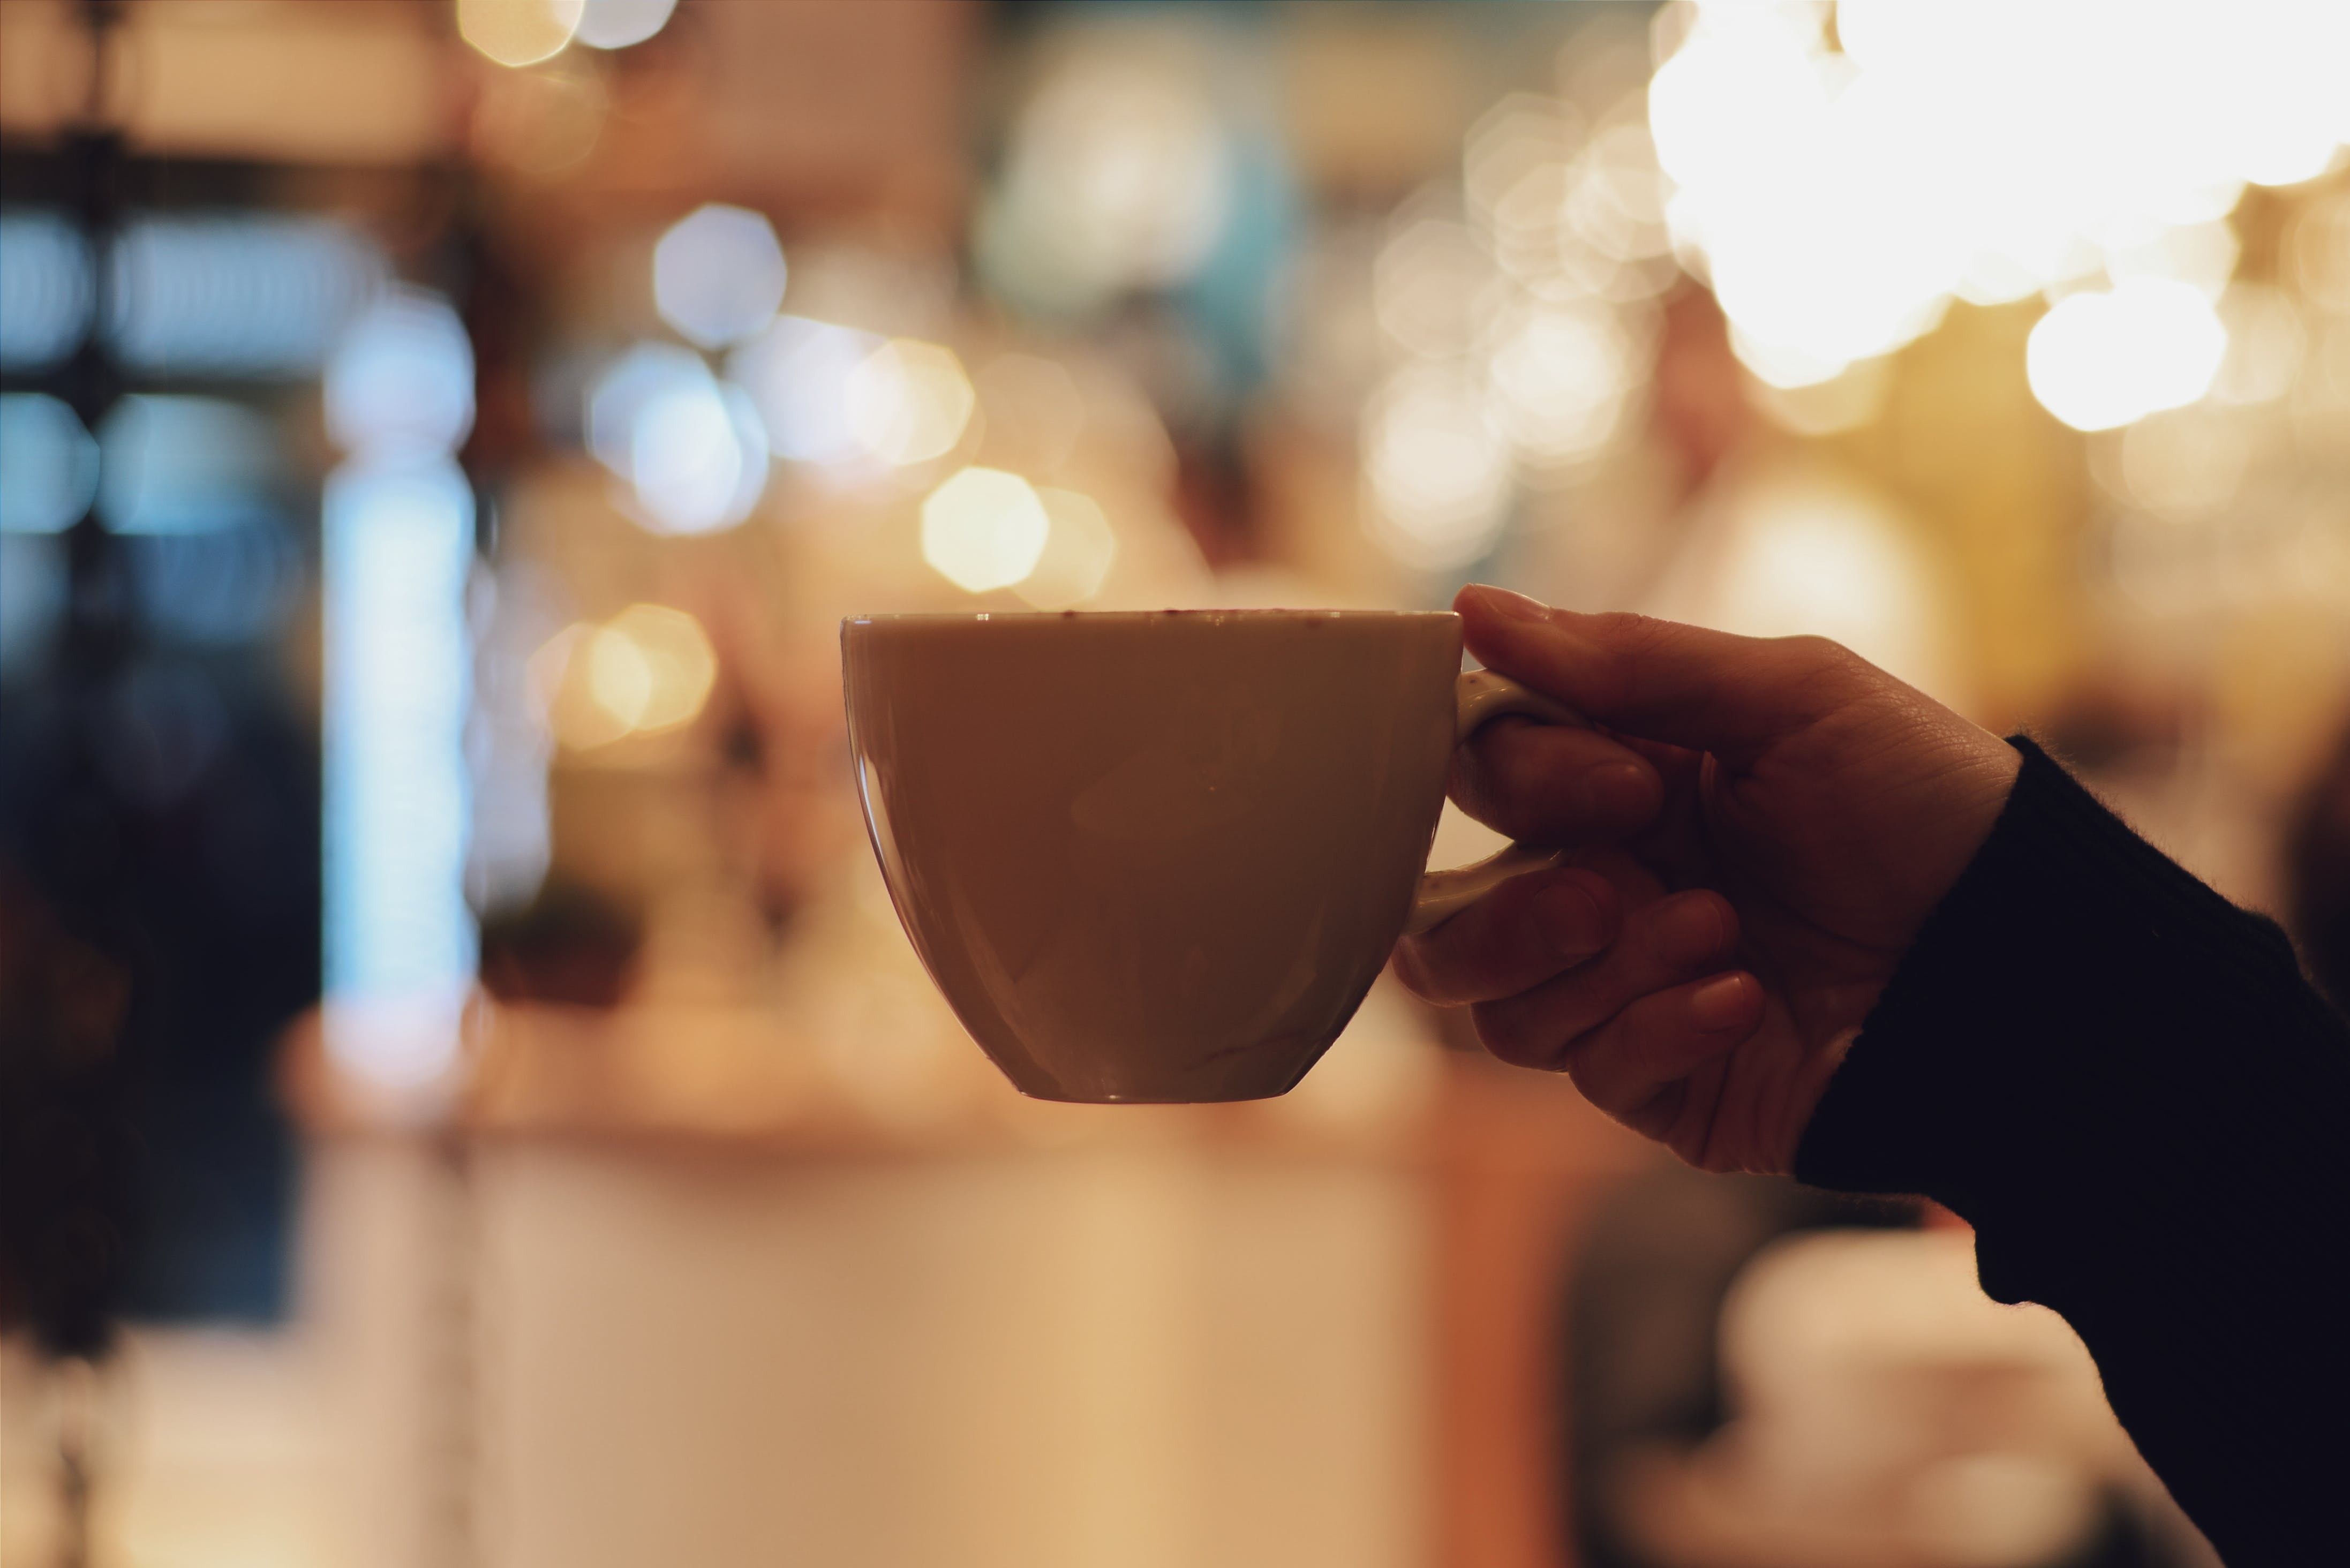 Kostenloses Stock Foto zu festhalten, flacher fokus, hand, kaffeebecher